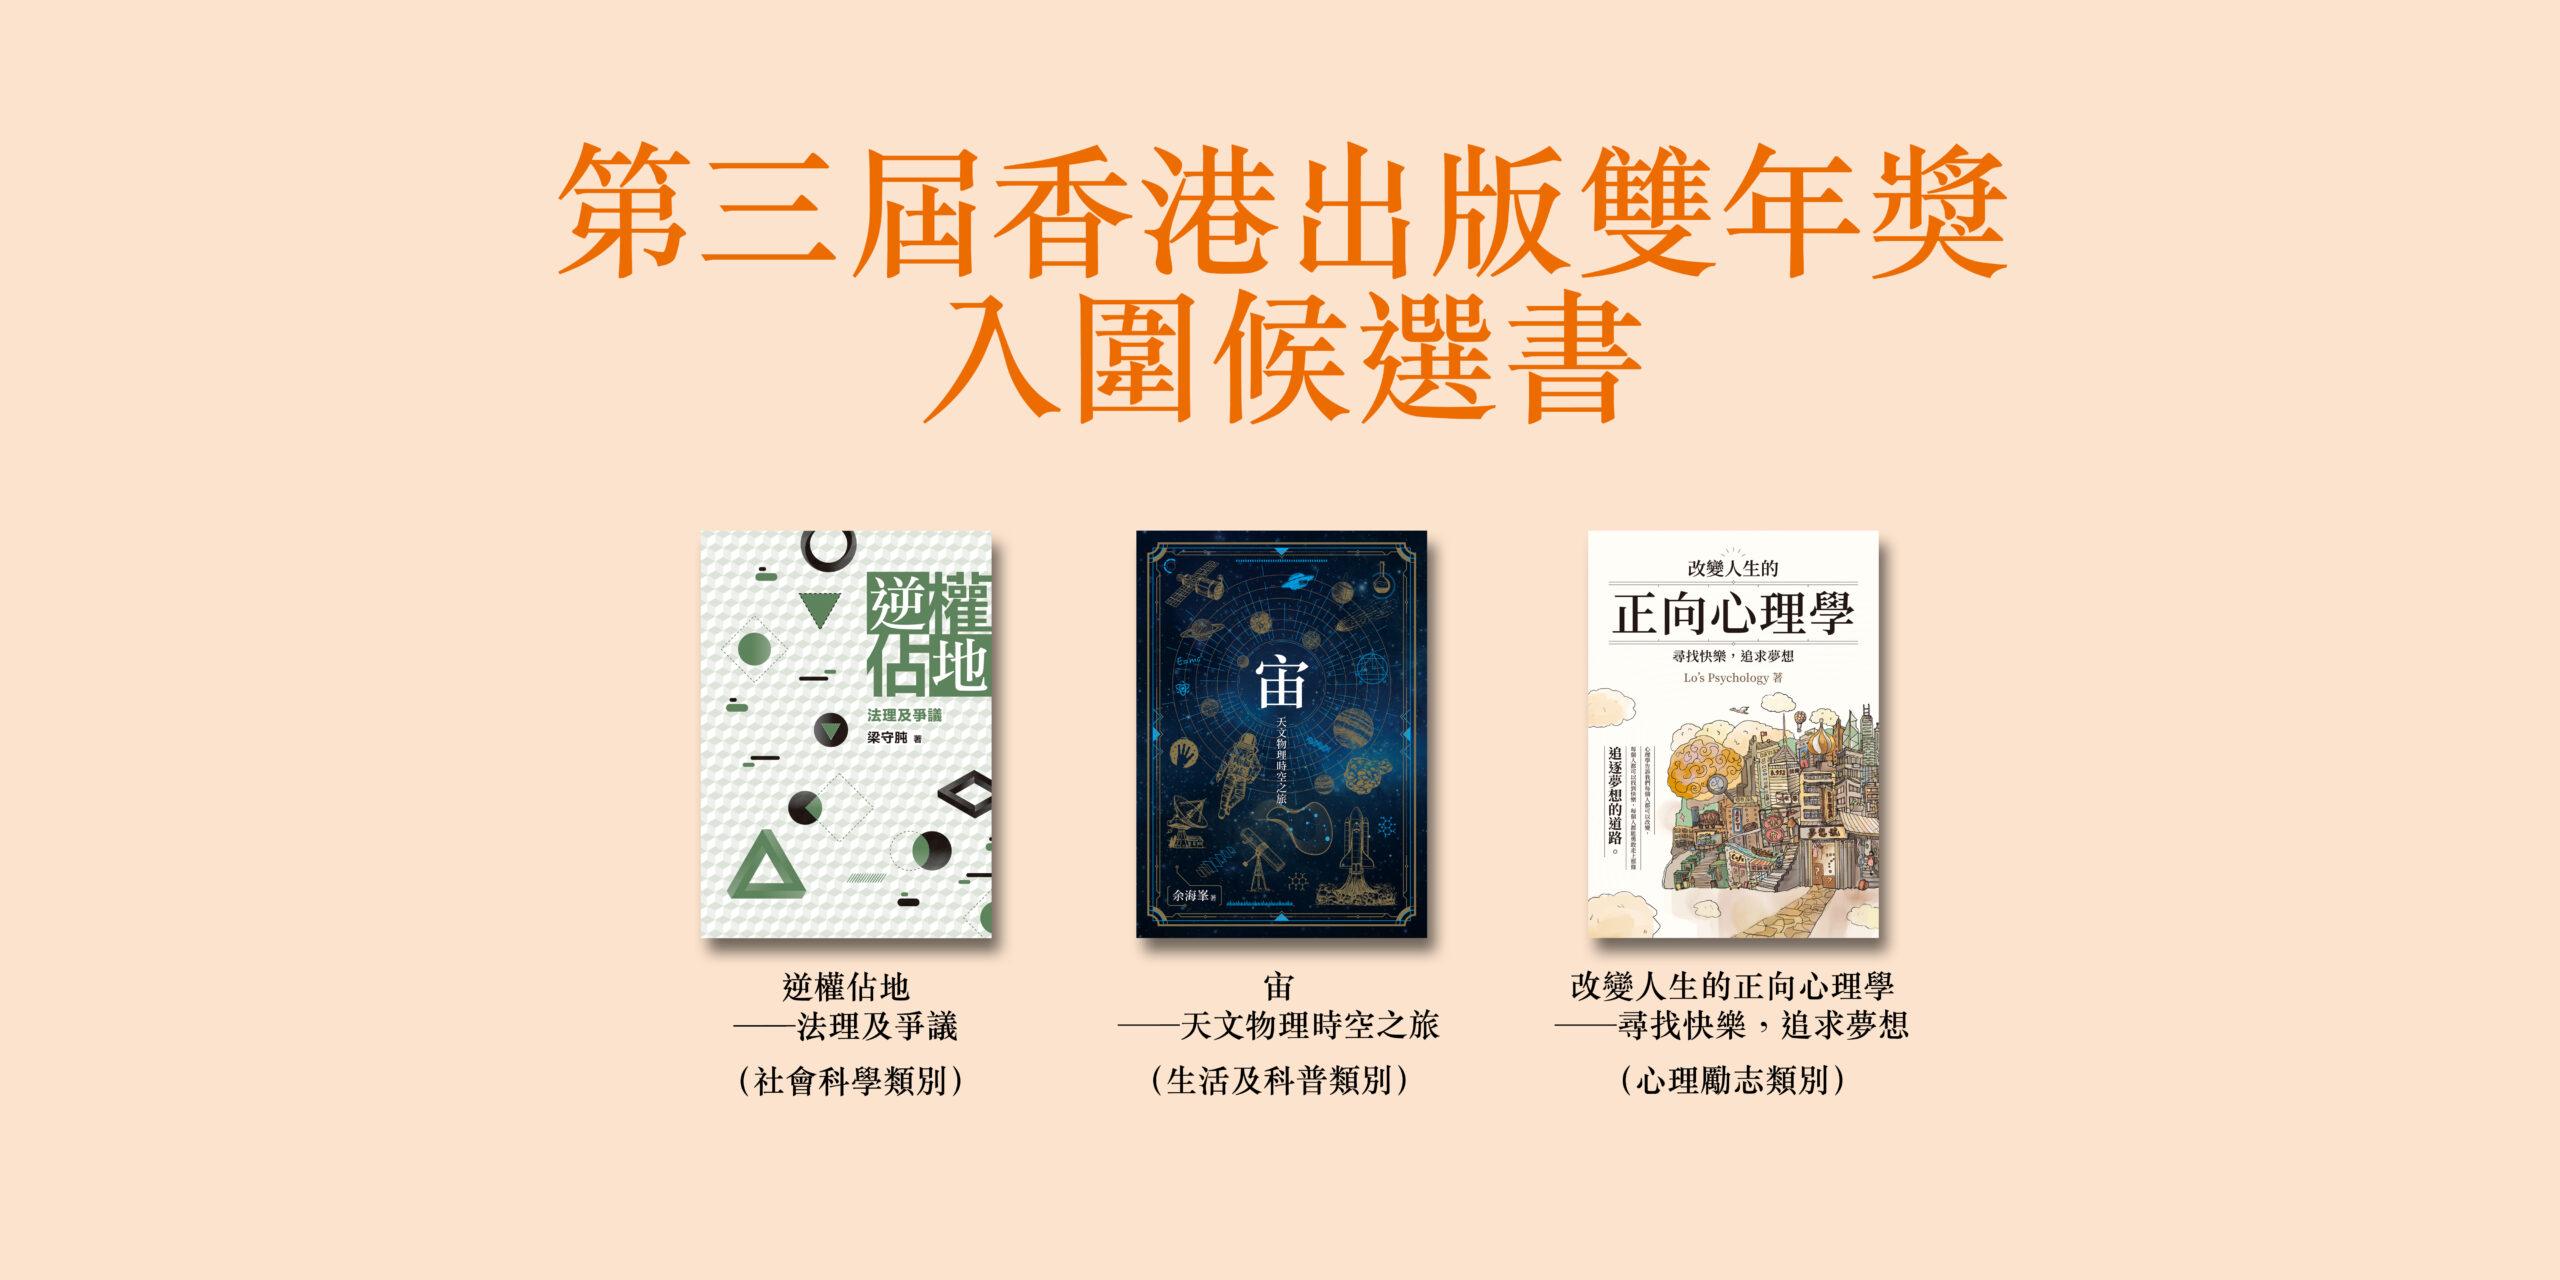 第三屆「香港出版雙年獎」入圍候選書